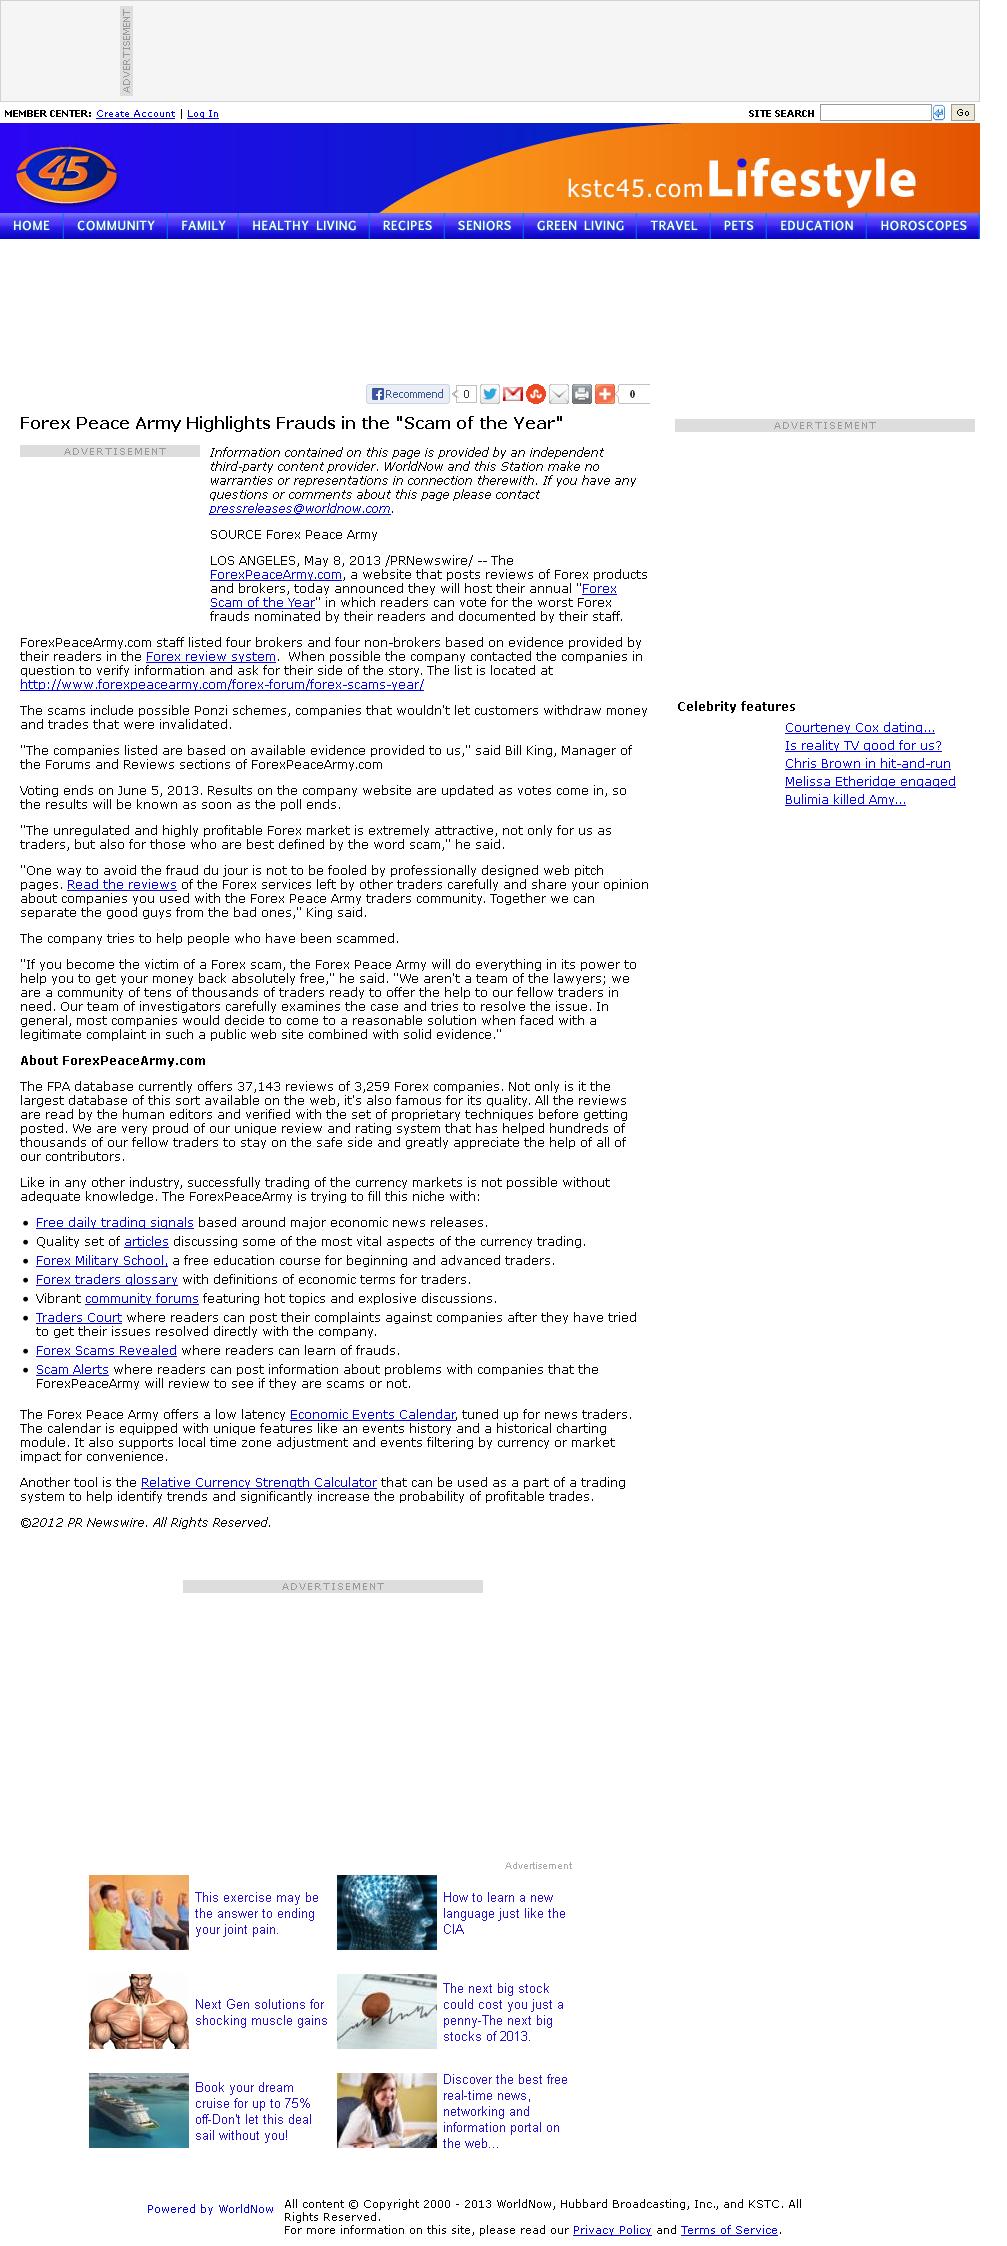 Forex Peace Army | KSTC-TV IND-45 (Saint Paul, MN)